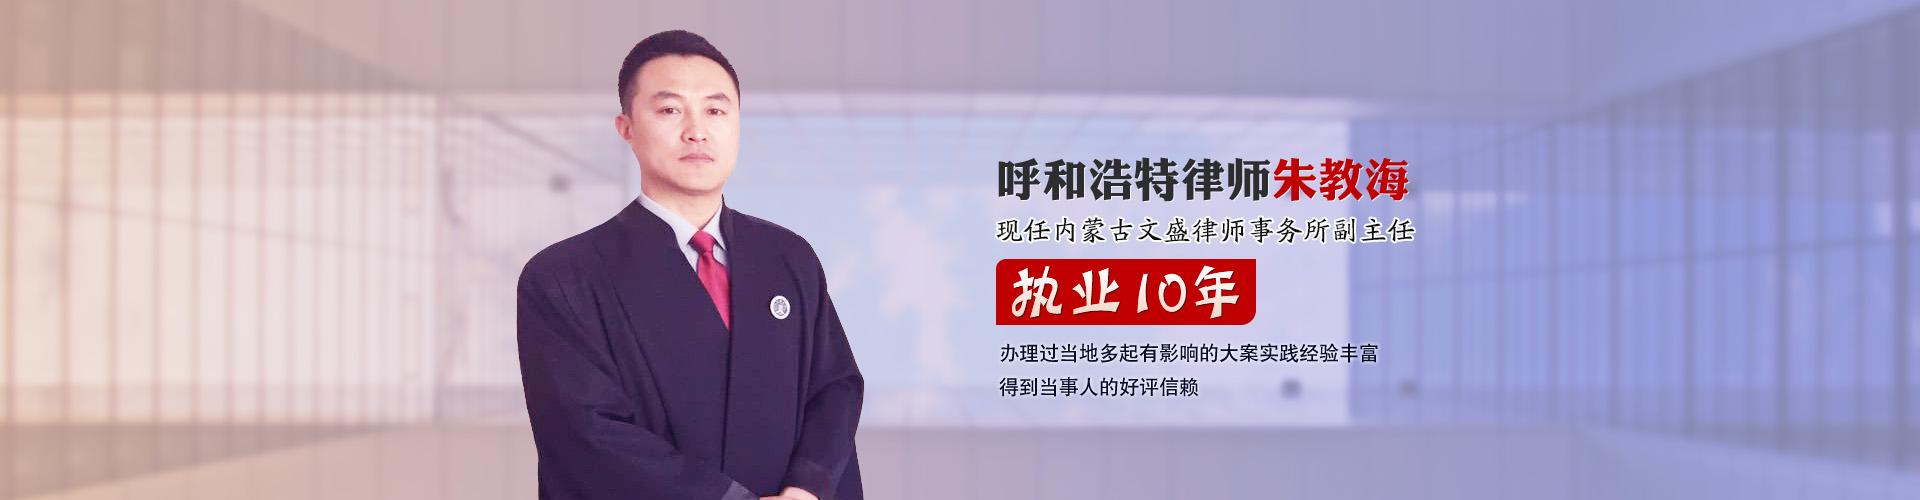 朱教海律师1